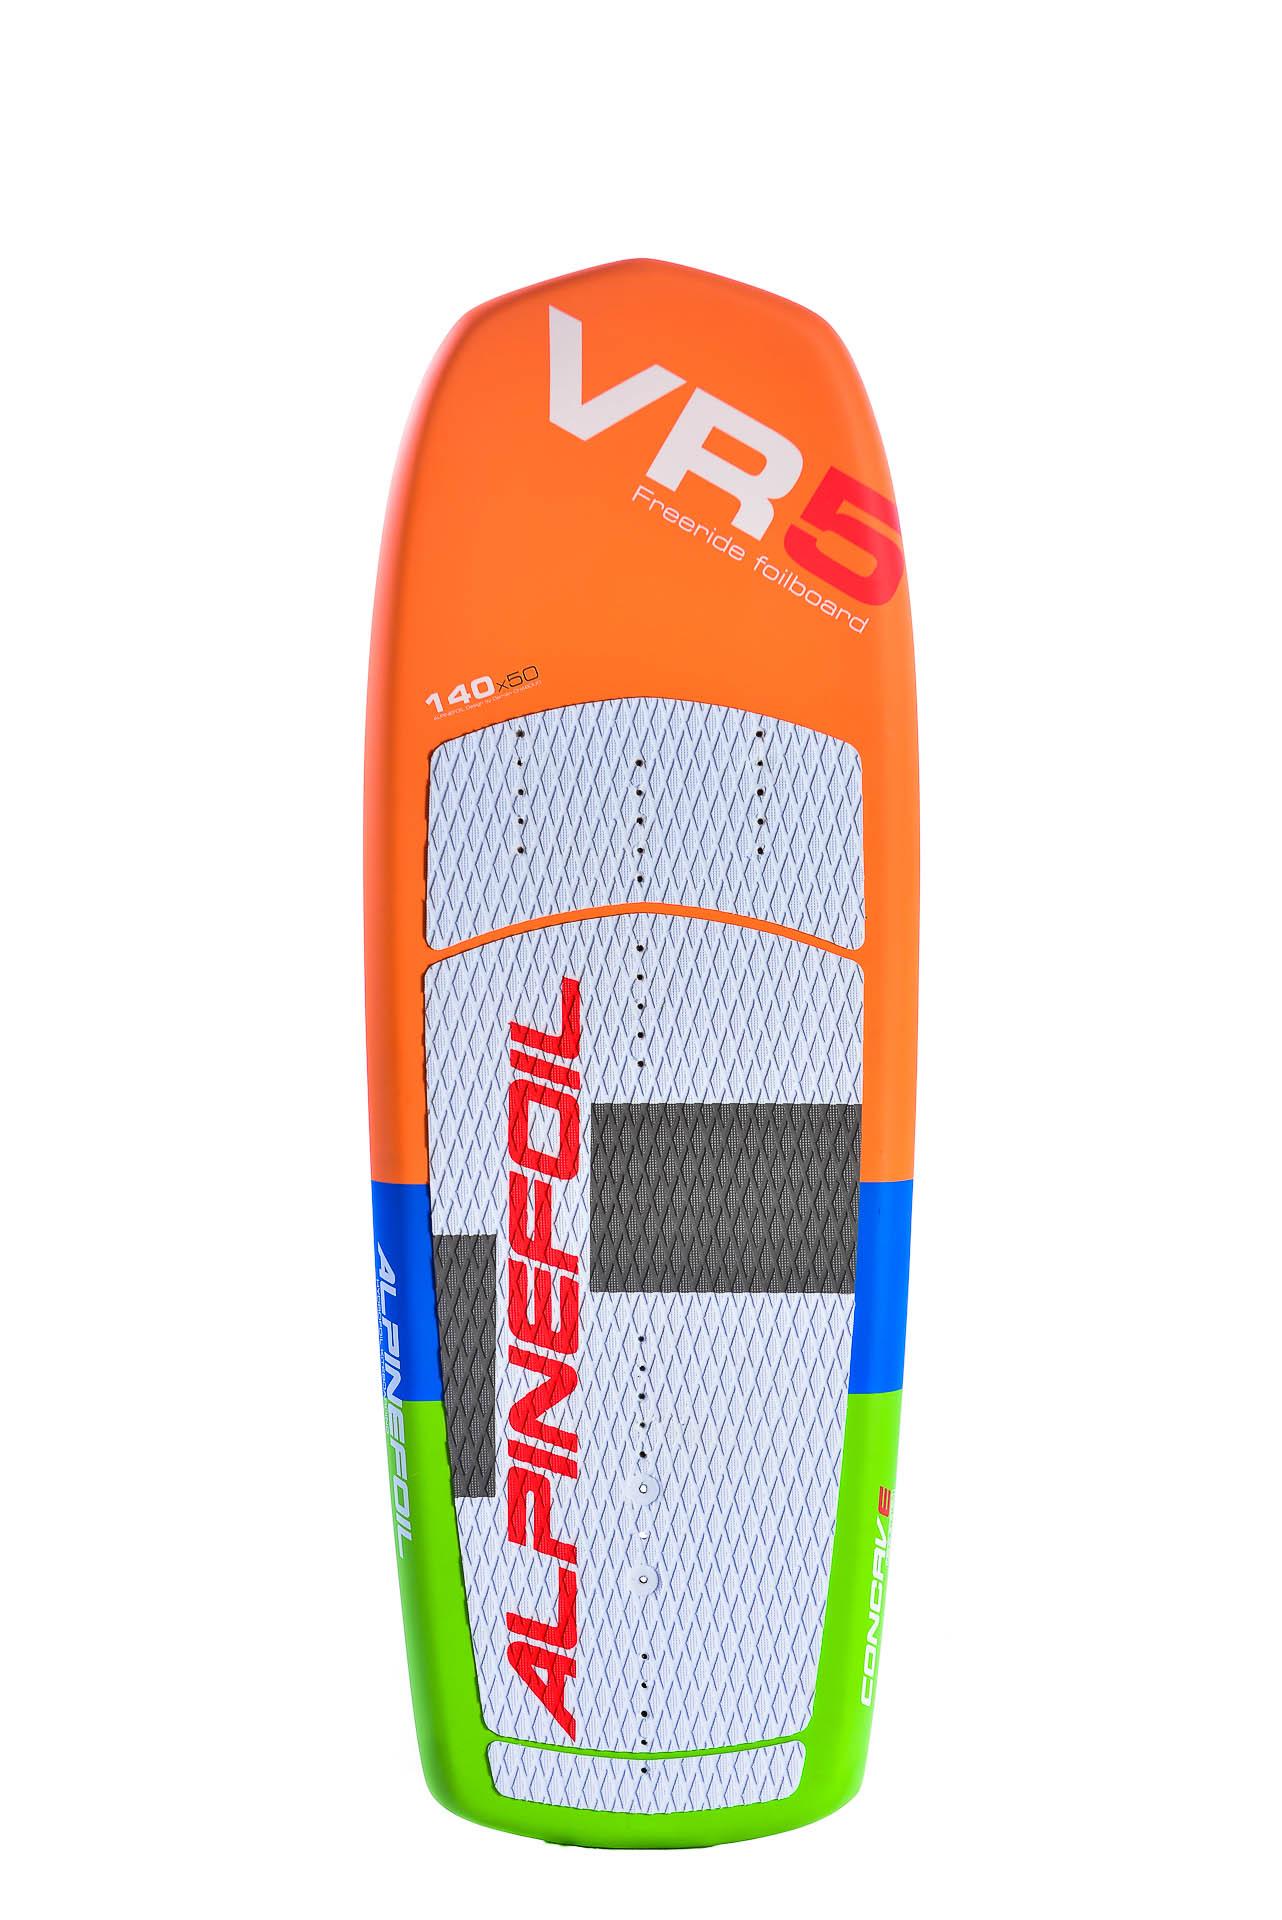 Kitefoil board alpinefoil 9364 4